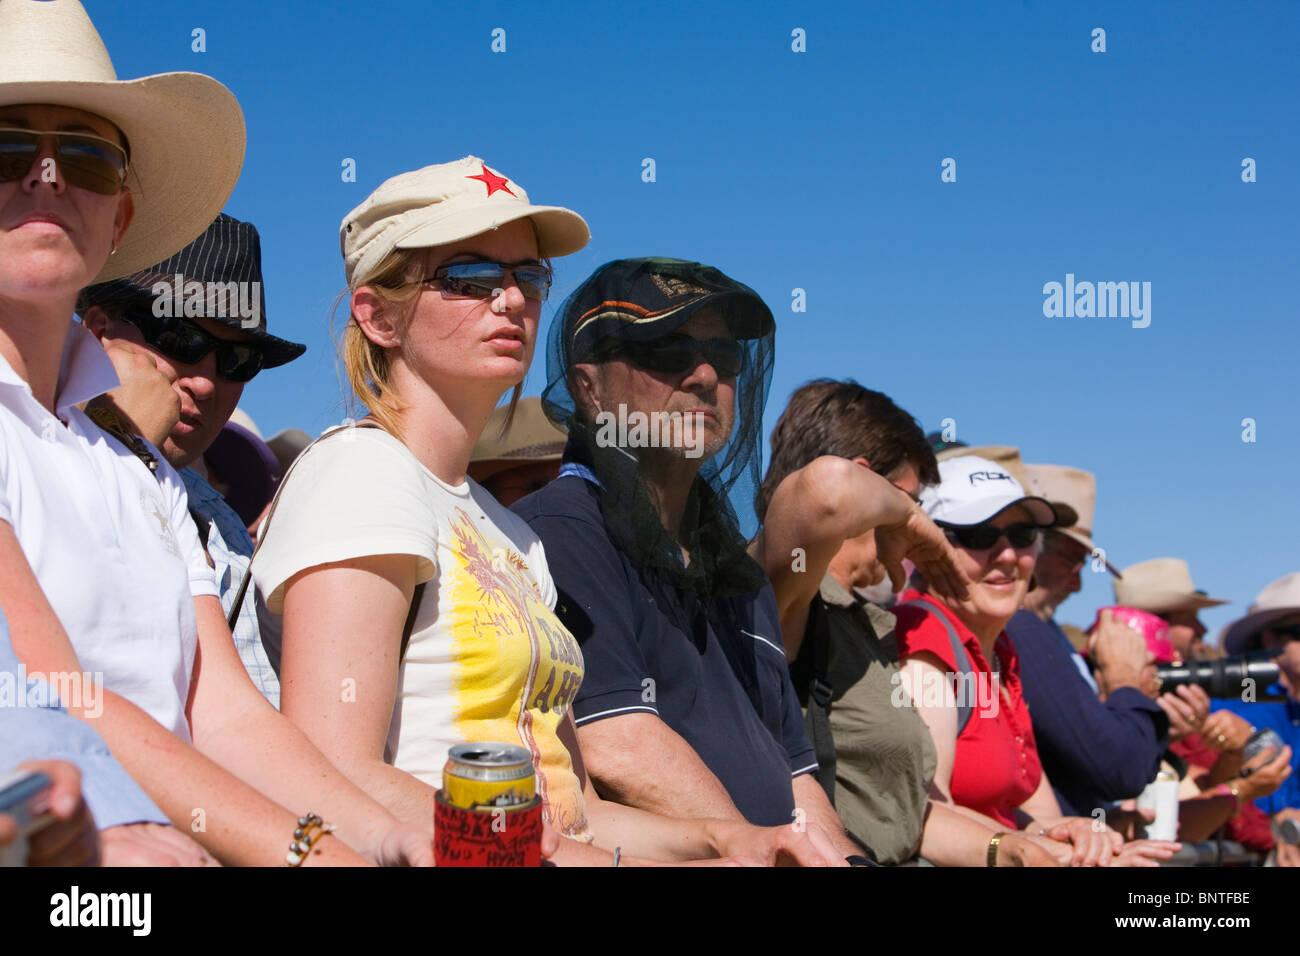 Spectators watch the horse racing action during the Birdsville races.  Birdsville, Queensland, AUSTRALIA. - Stock Image